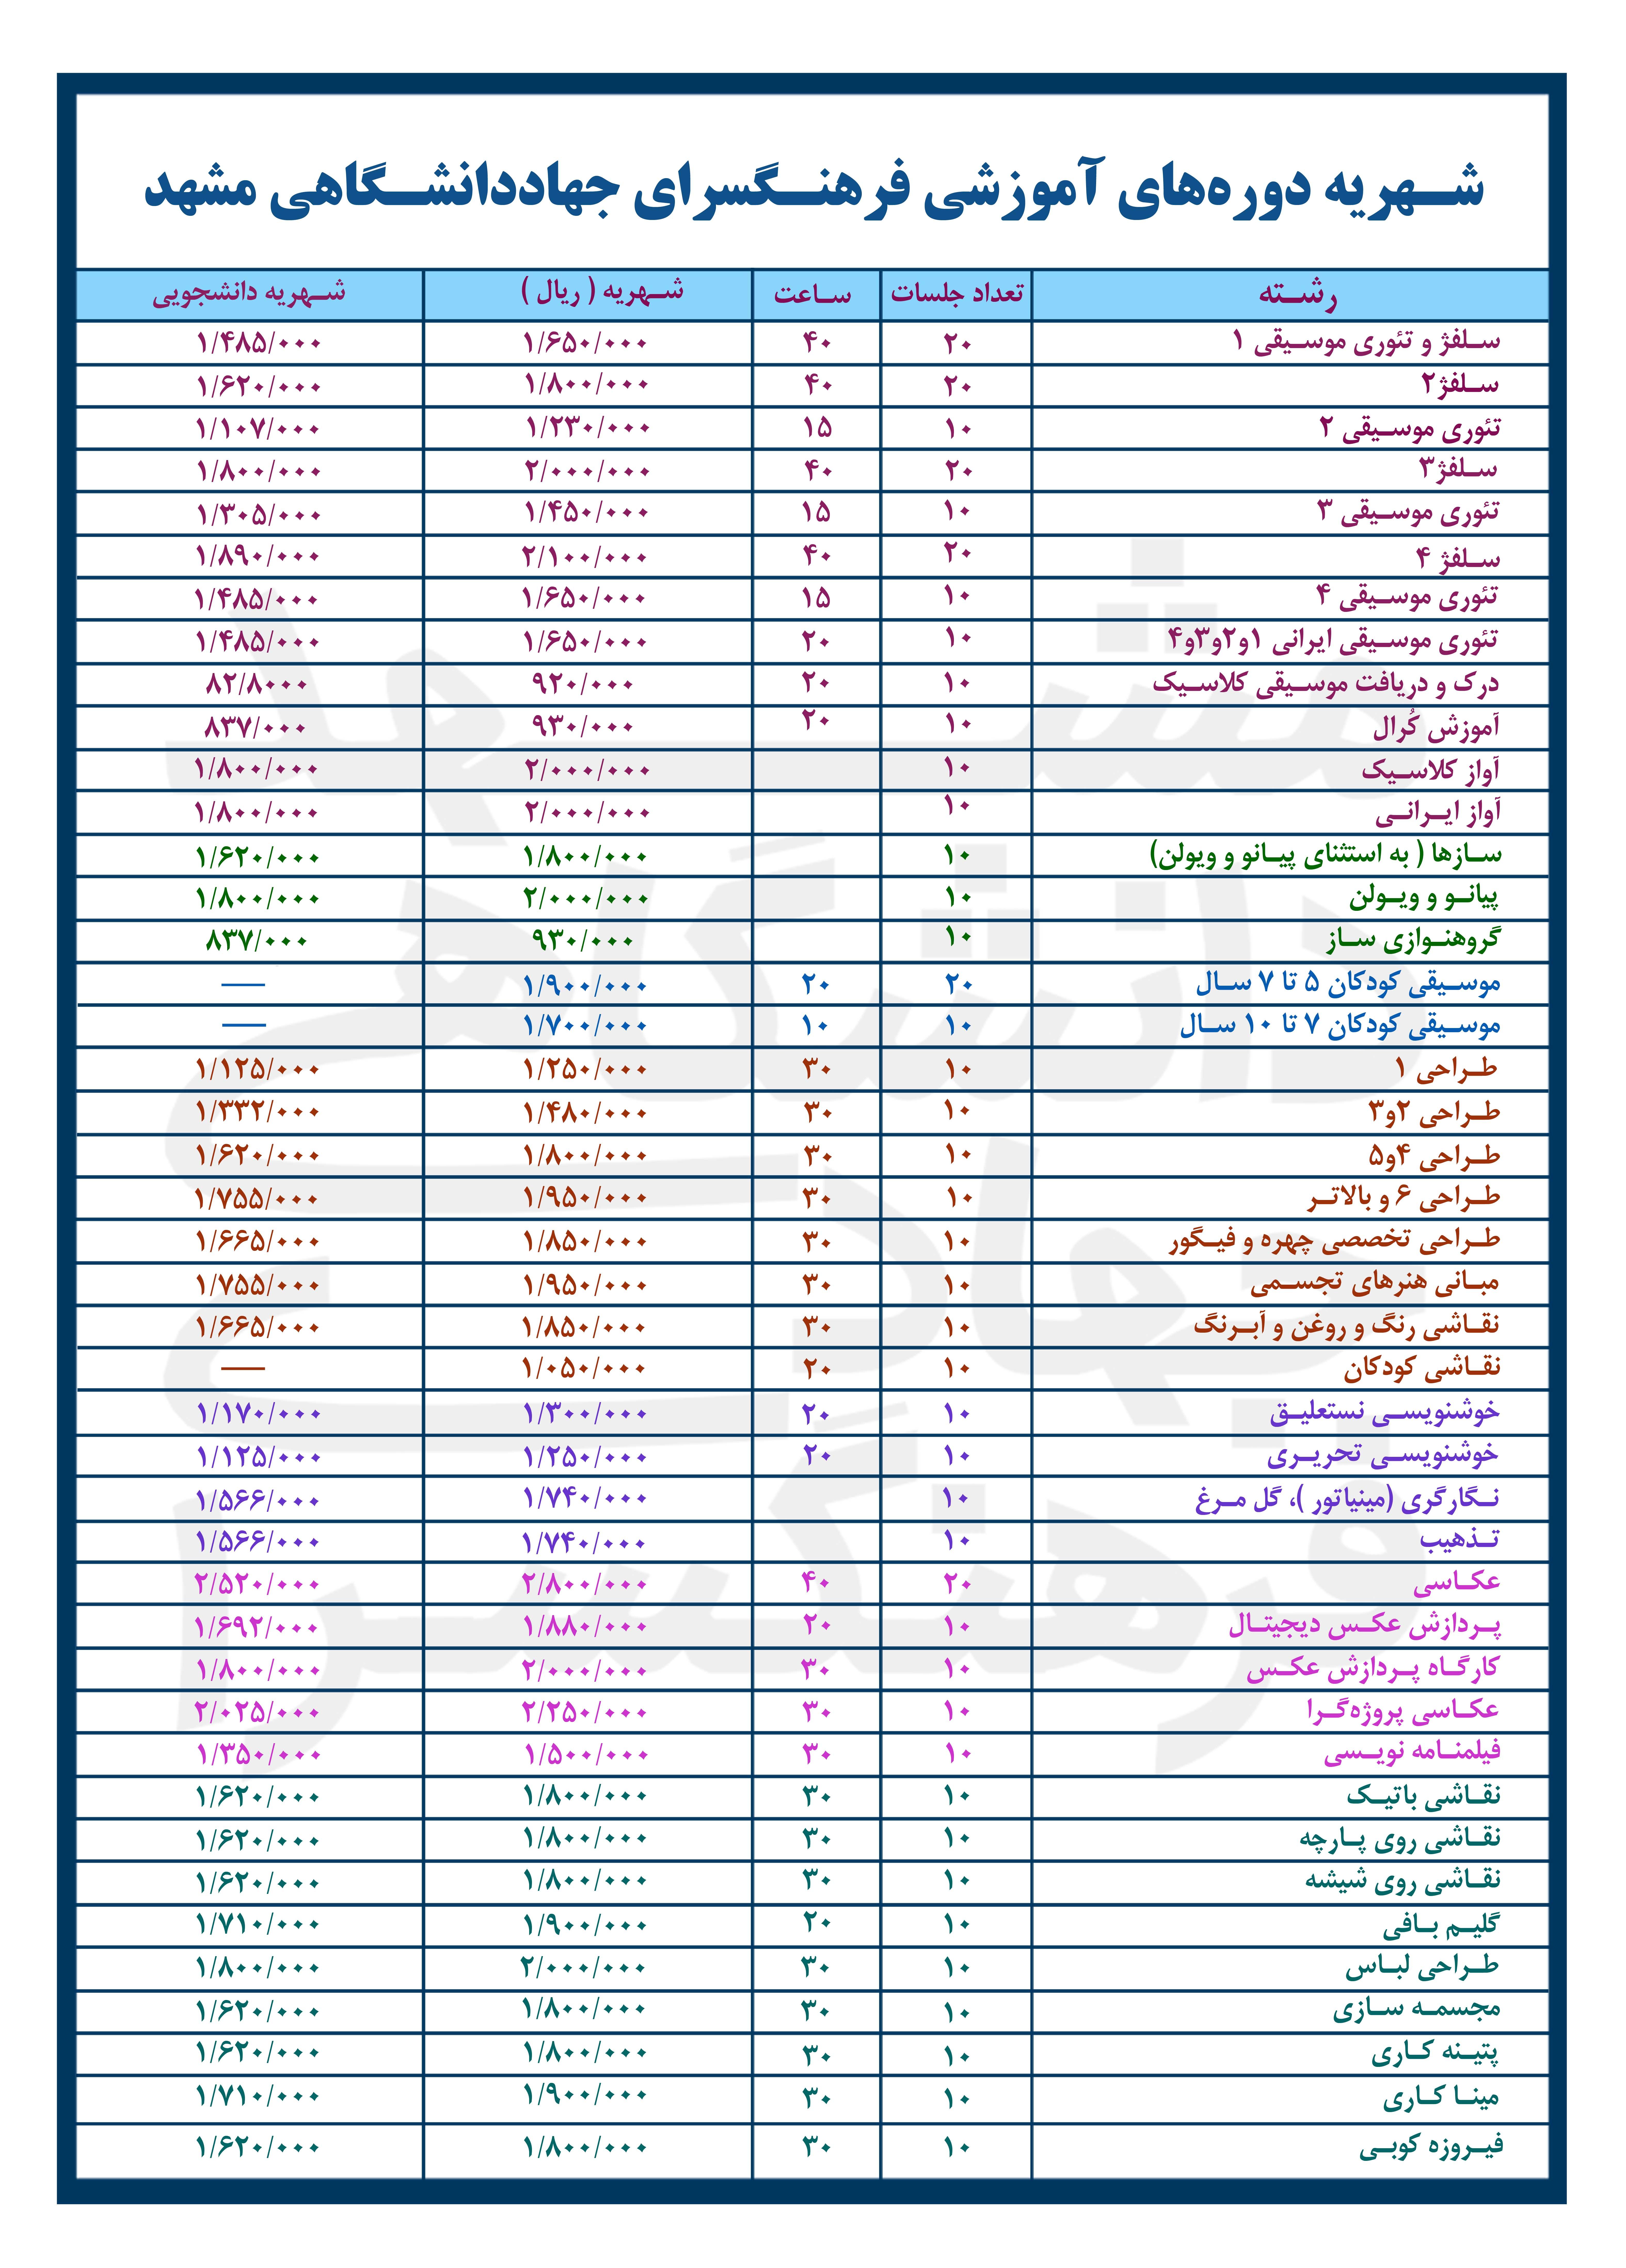 ثبت نام جهاد دانشگاهی مشهد